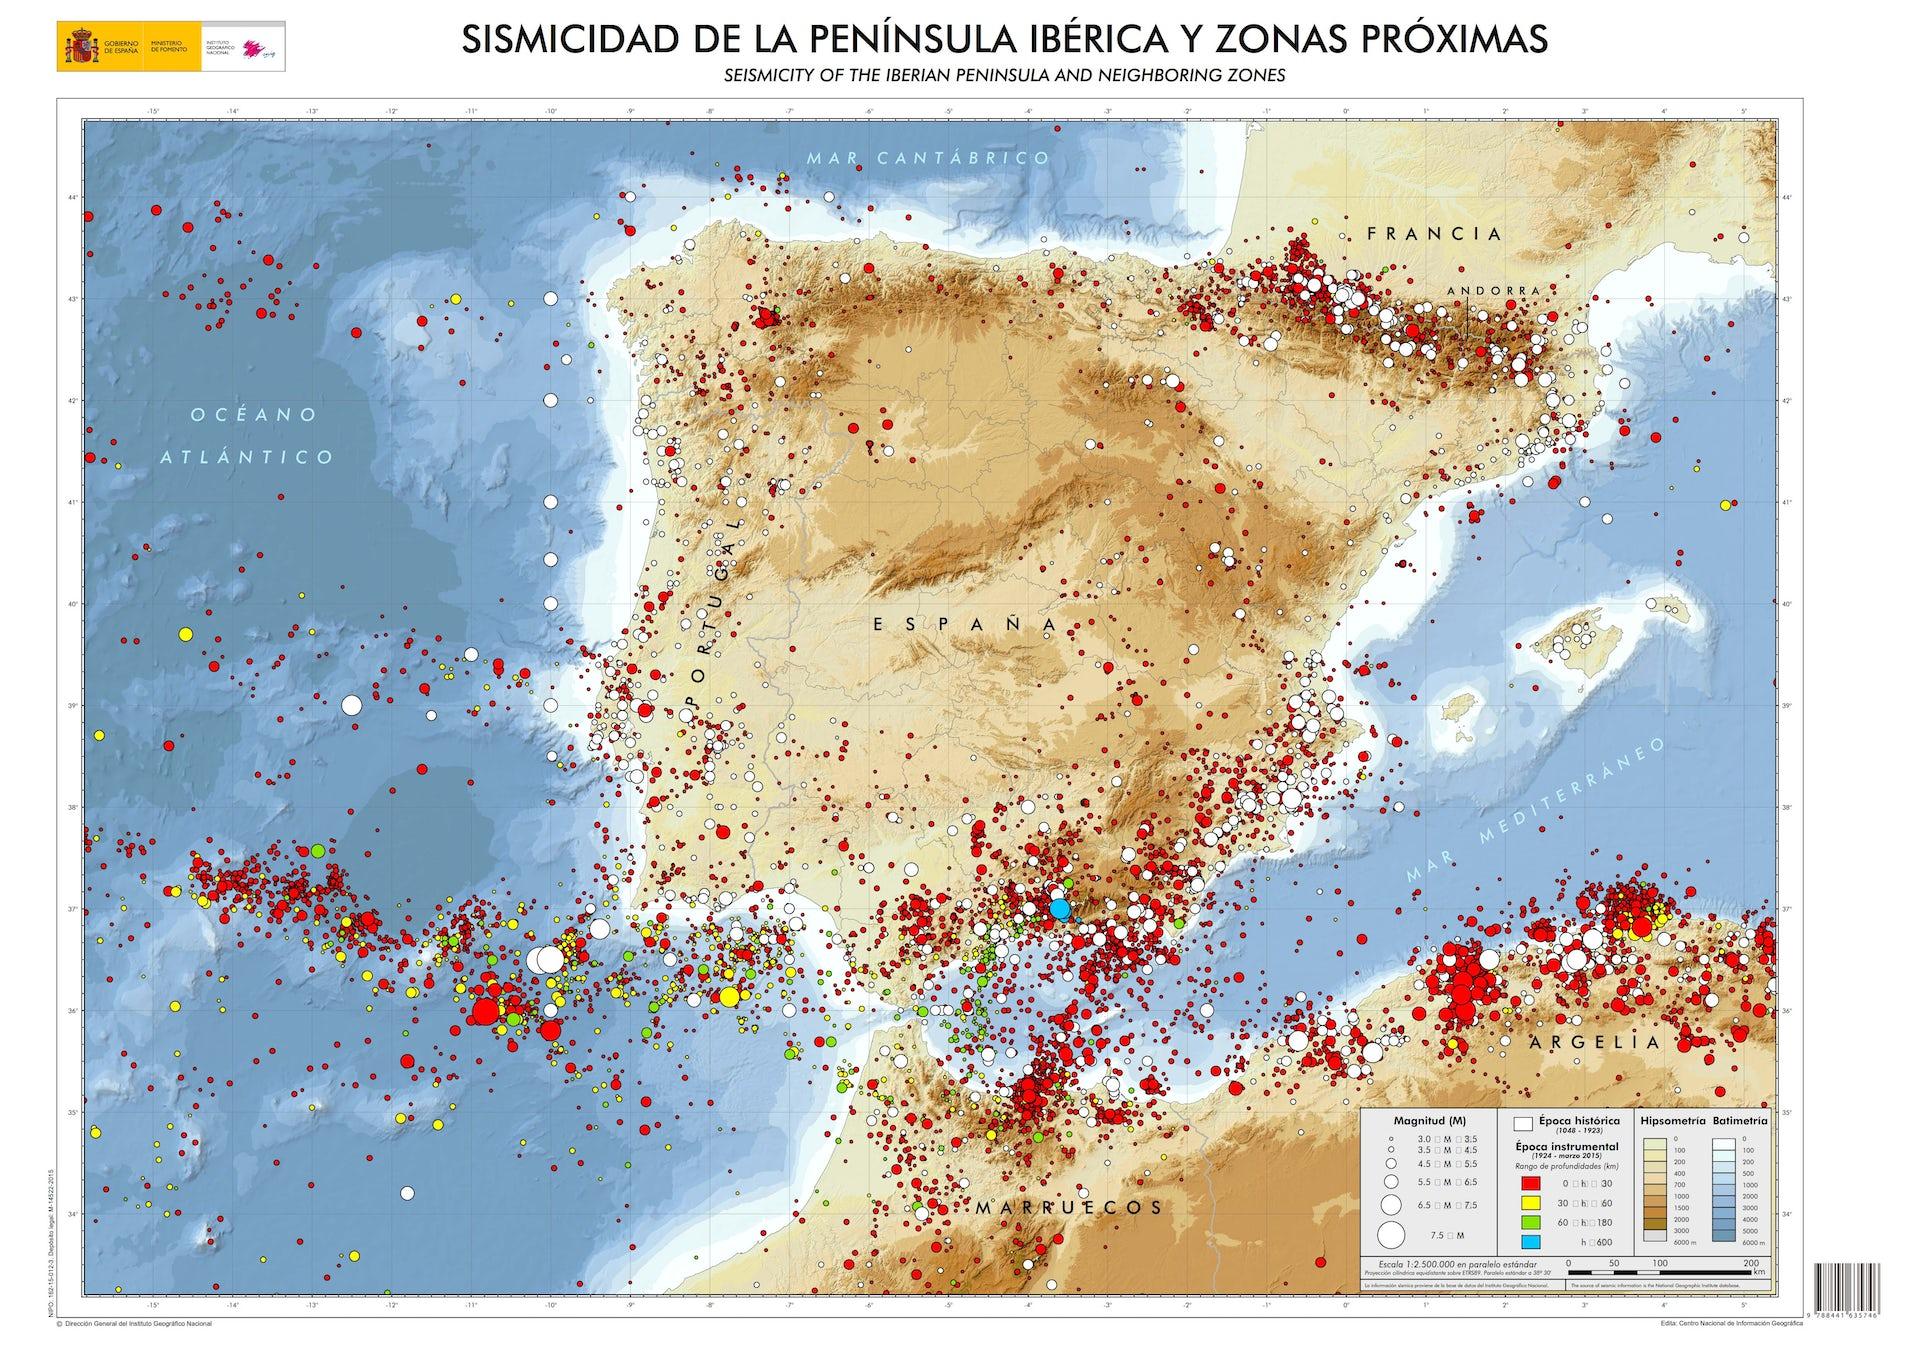 Mapa general de sismicidad de la Peninsula Iberica. La información sísmica proviene de la base de datos del Instituto Geográfico Nacional actualizada al año 2015.Instituto Geografico Nacional